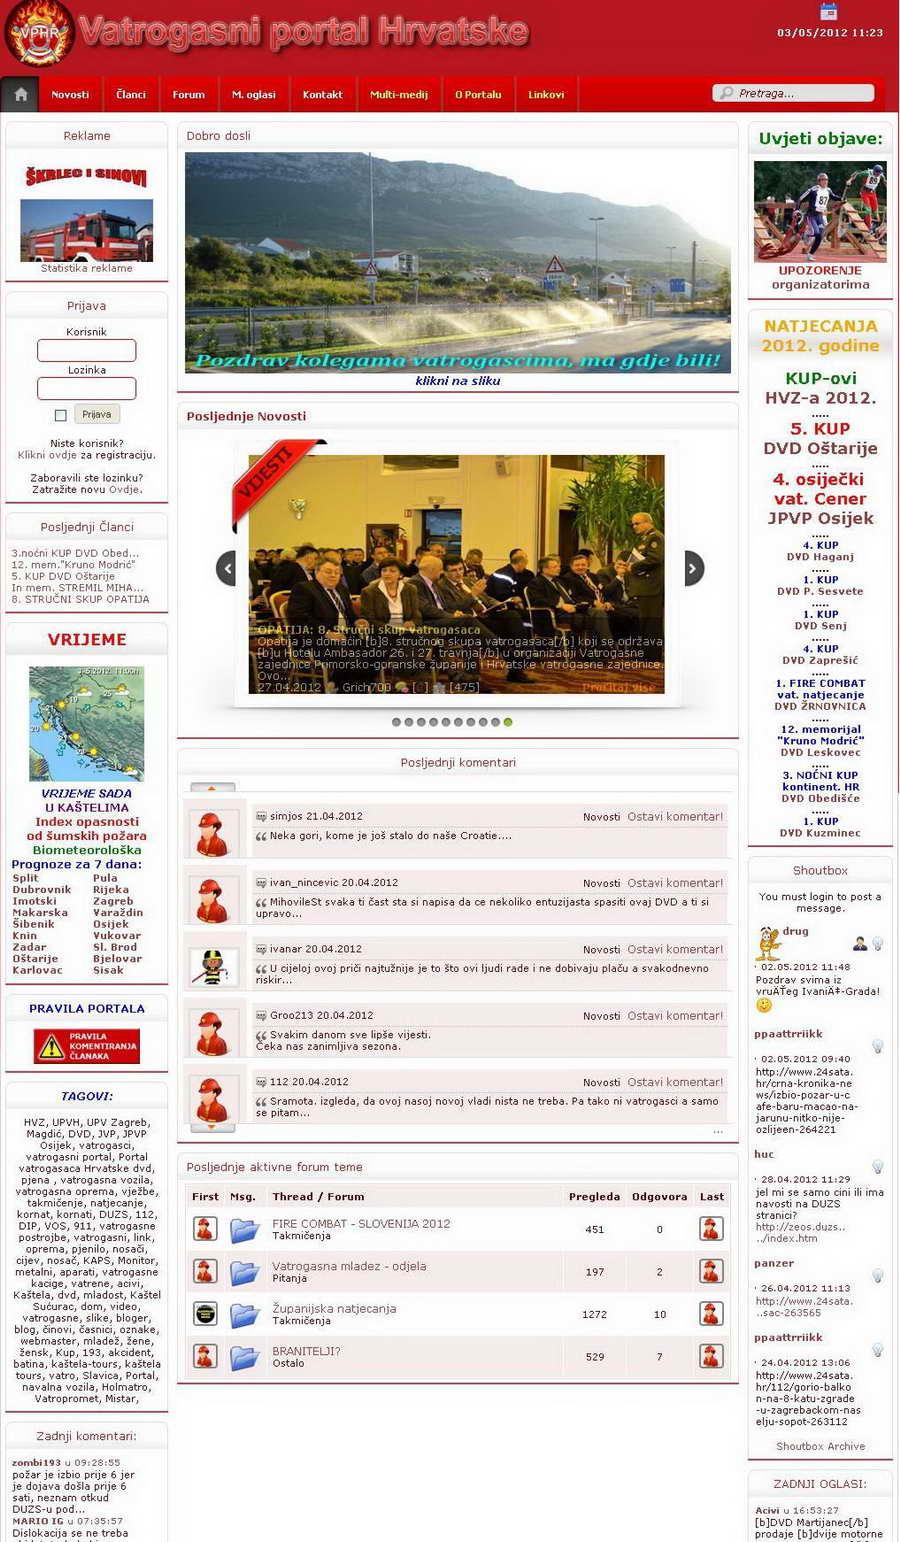 vatrogasni-portal.com/images/naslovnica-1.jpg